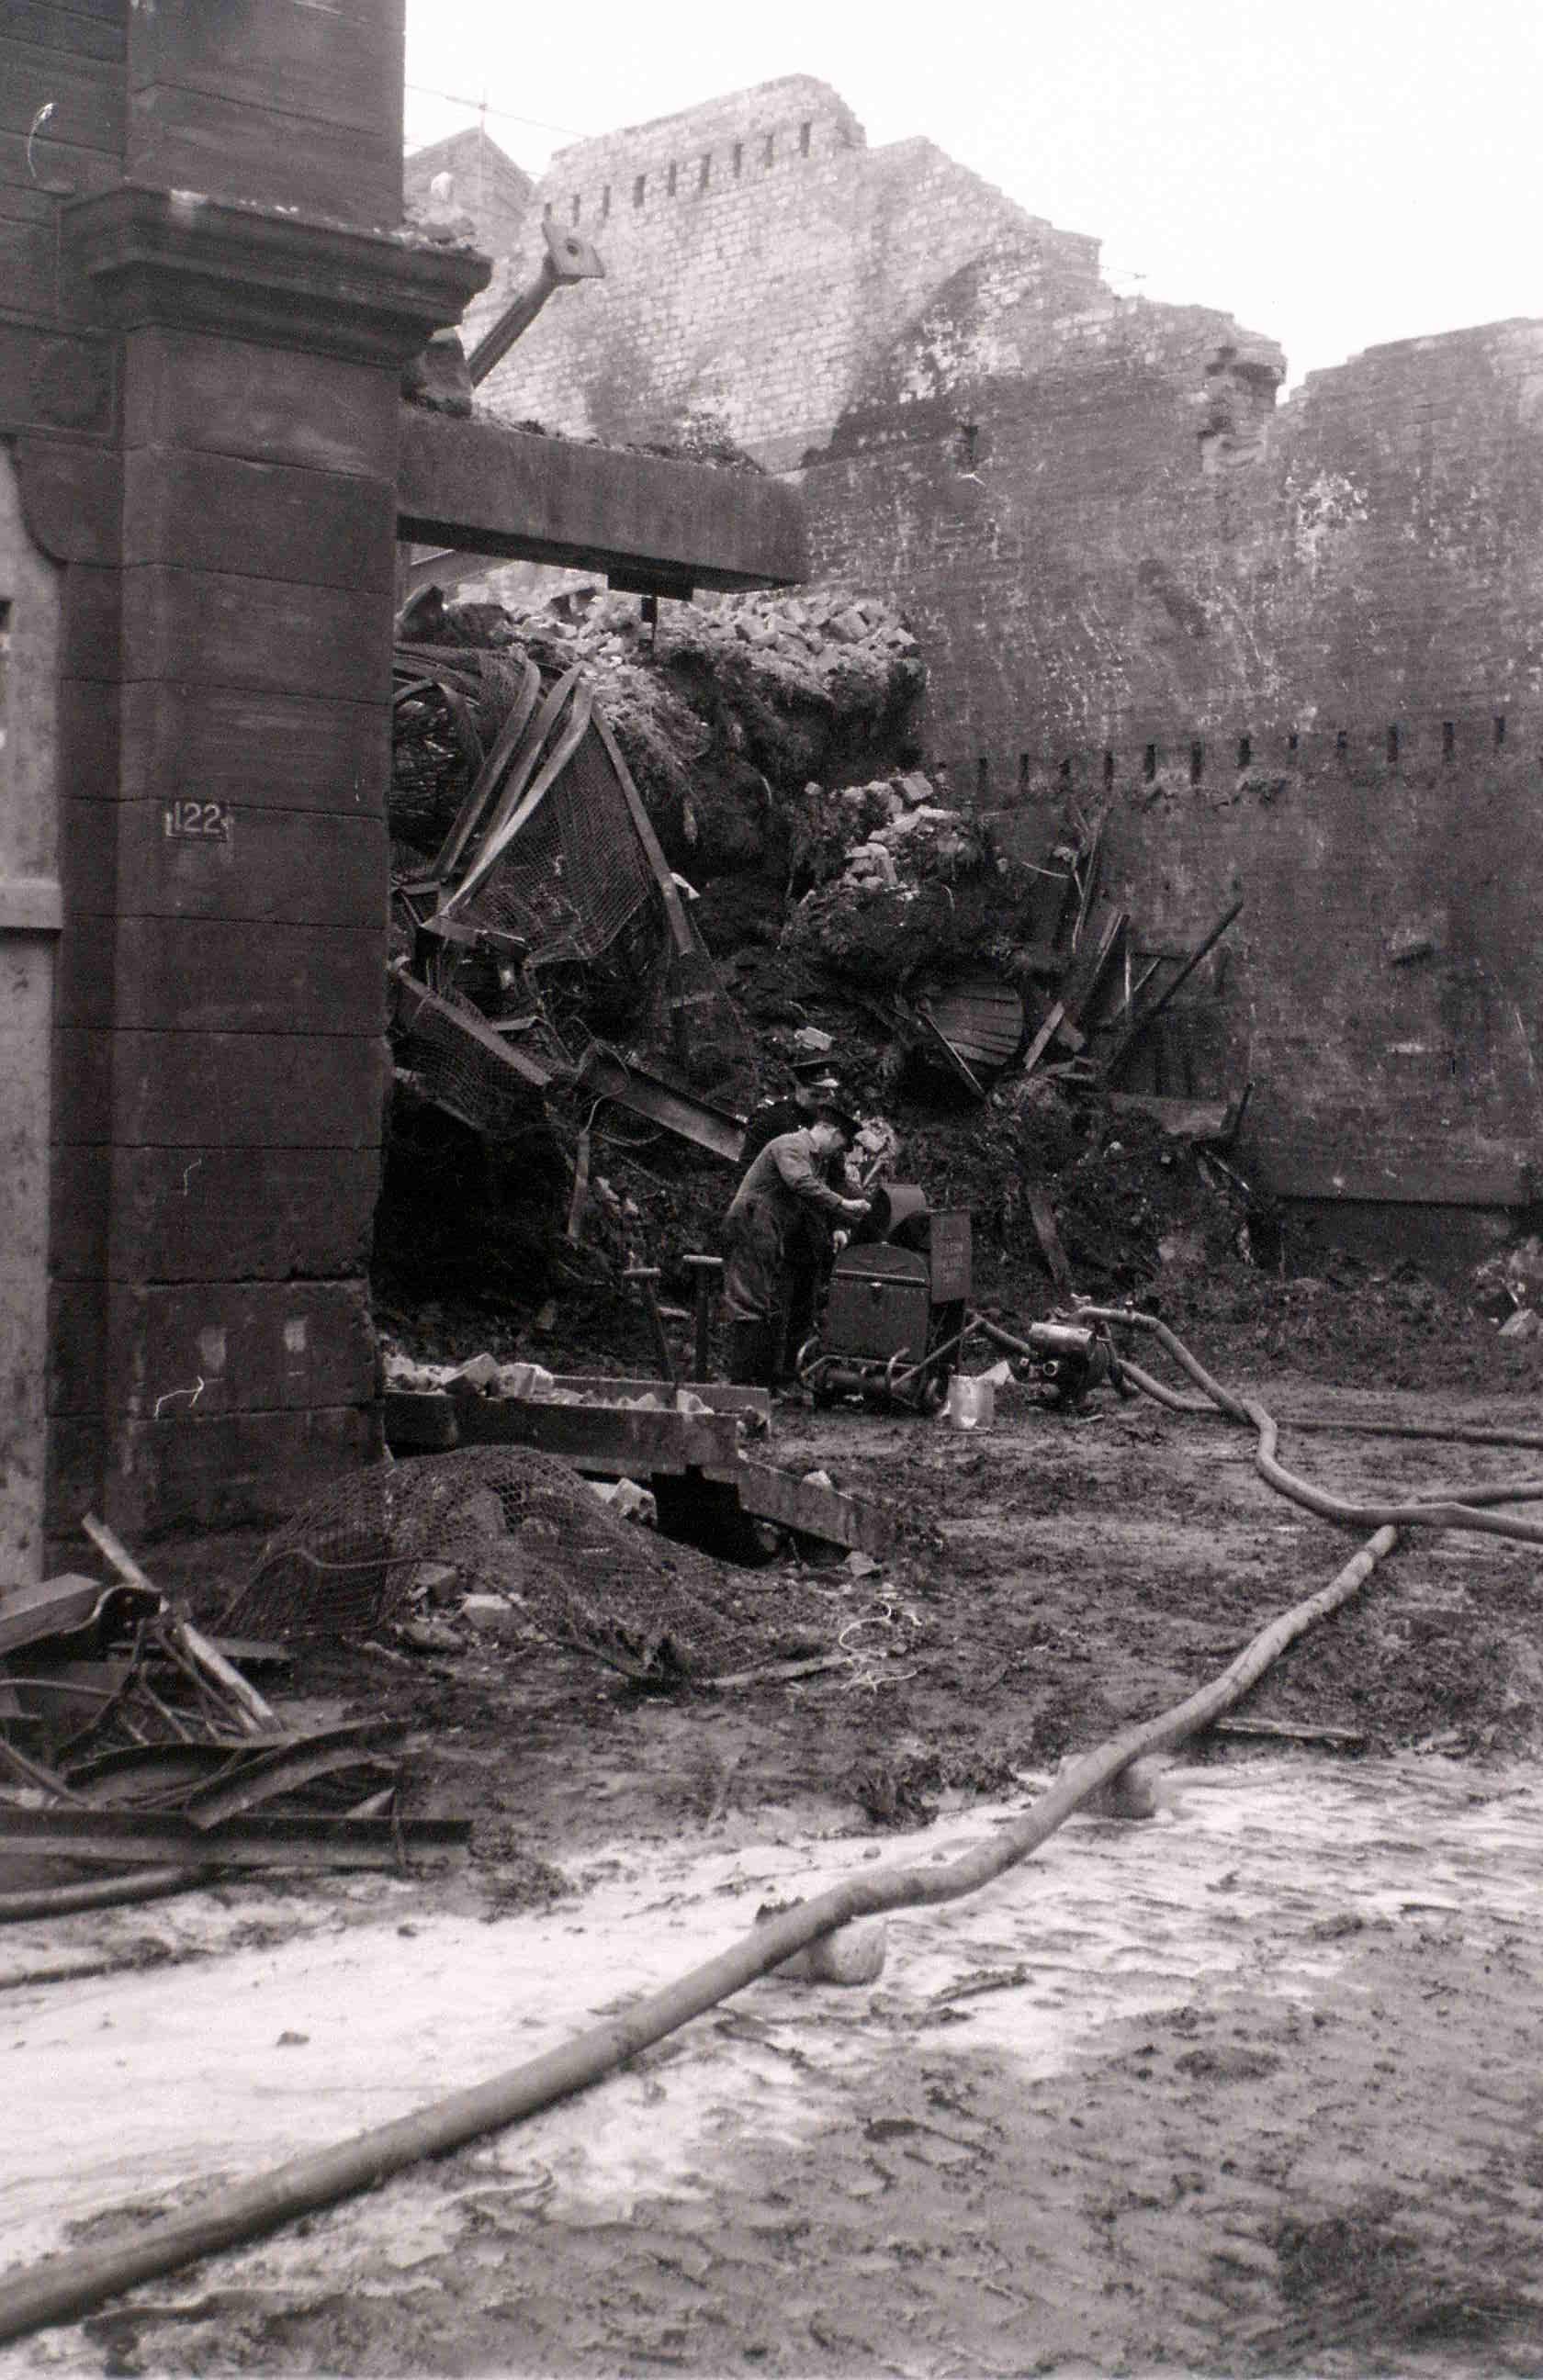 Глазго, 19 апреля 1960. После пожара2.jpg